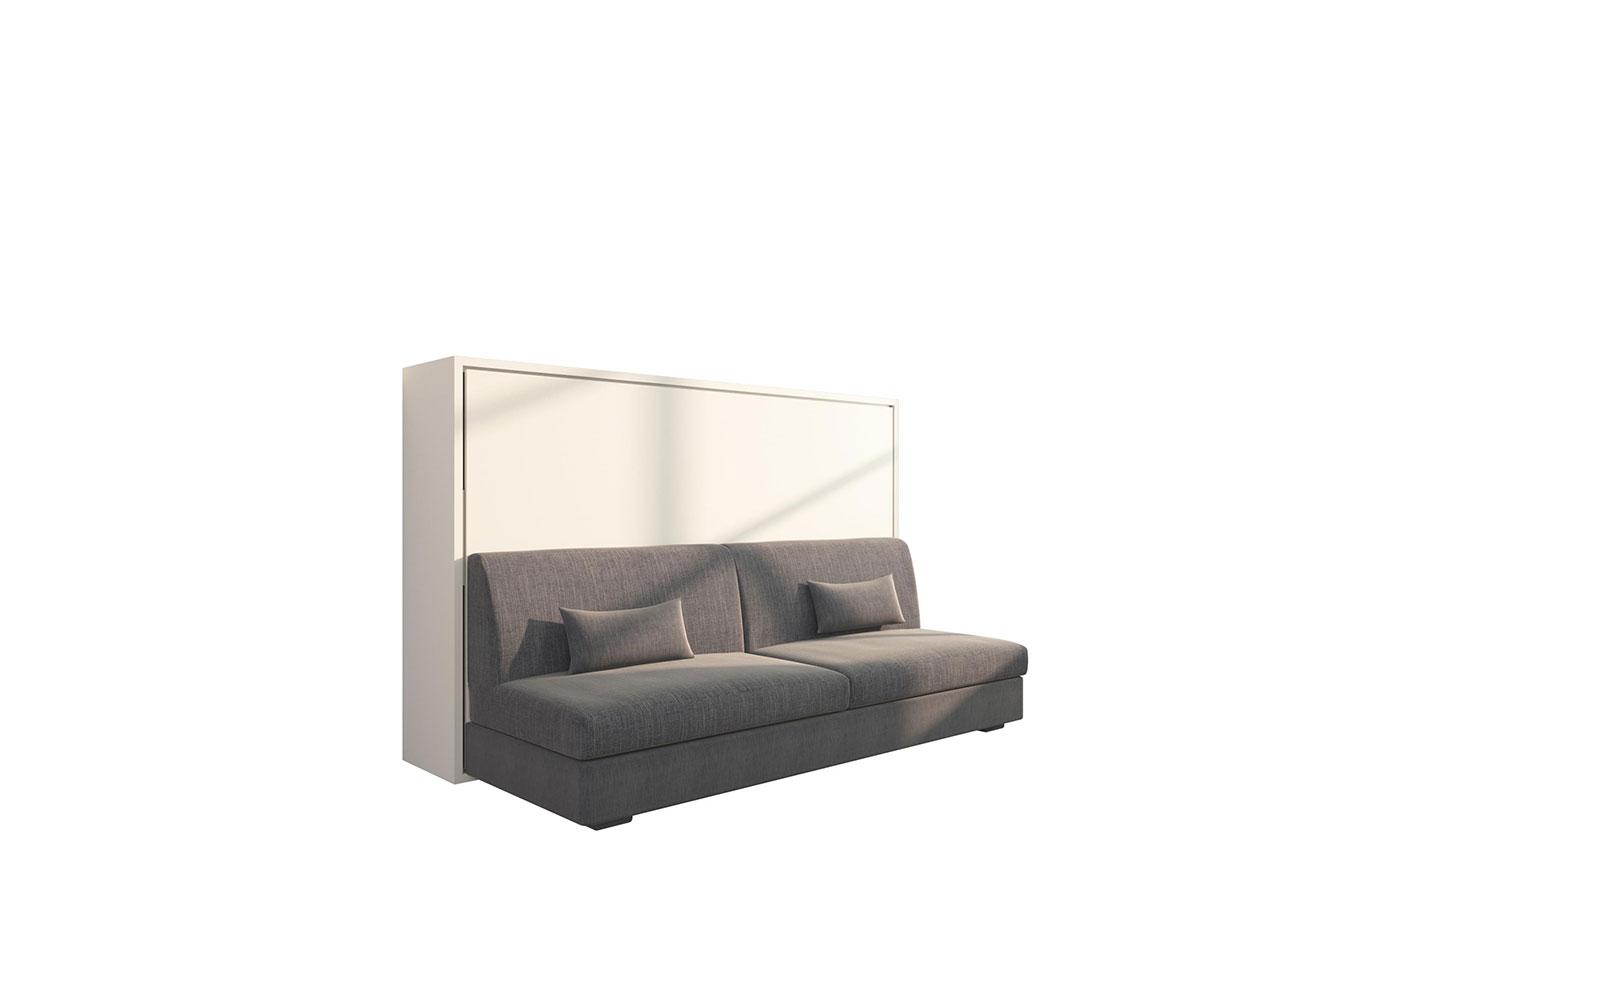 Letti Per Ospiti Salvaspazio piuma sofa 120 easy - letto a scomparsa orizzontale con divano quattro posti